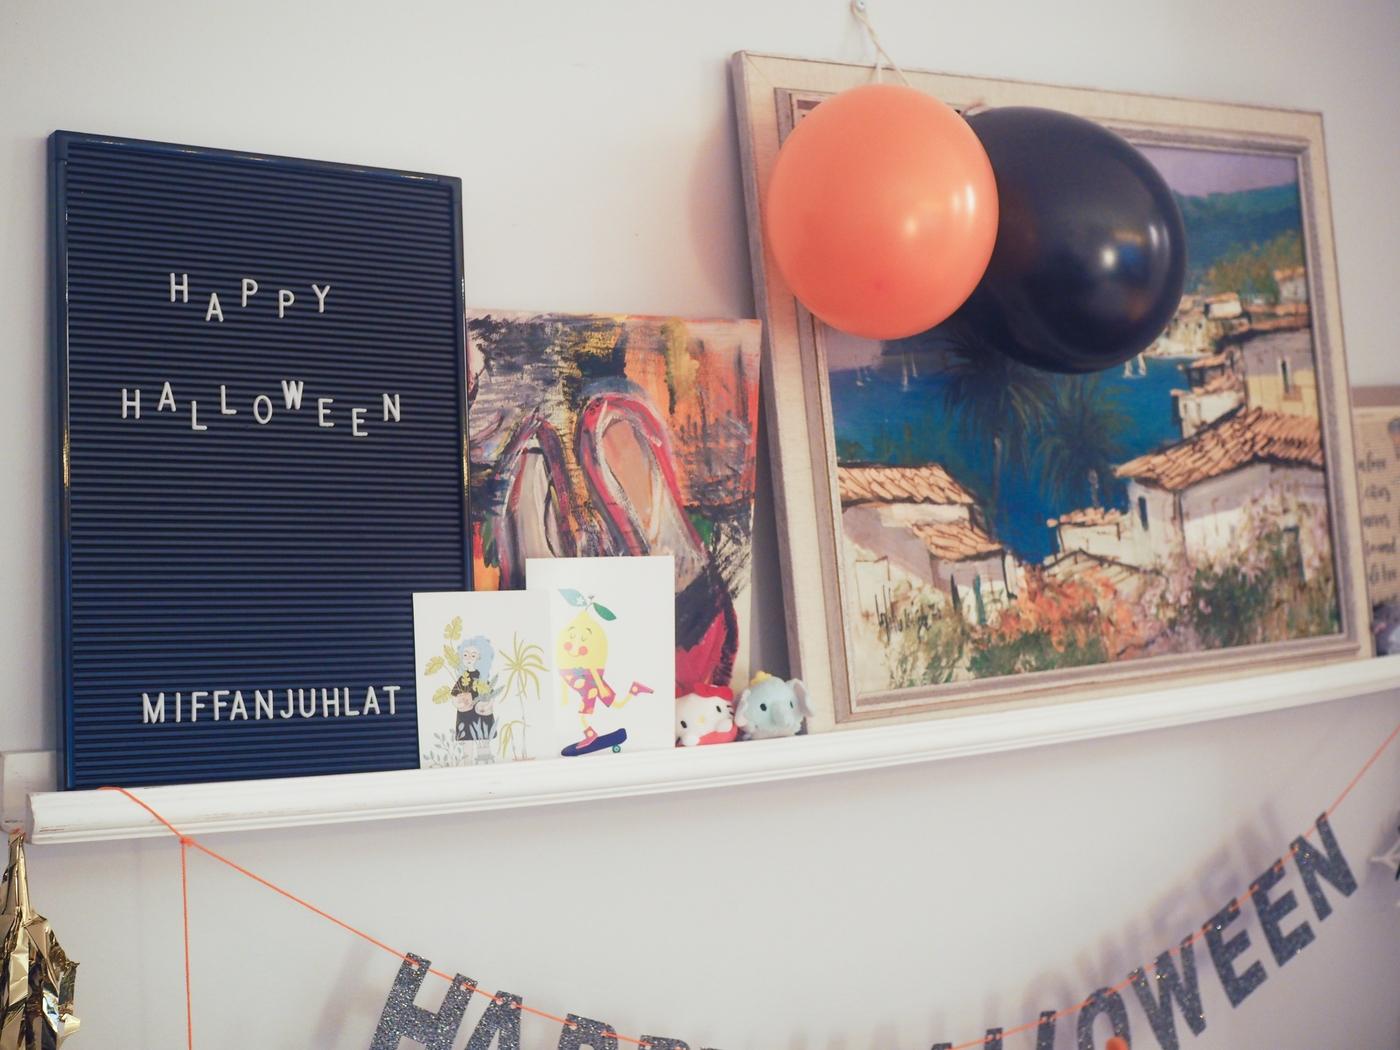 miffanjuhlat-halloween-koristeet-ilmapallot.JPG